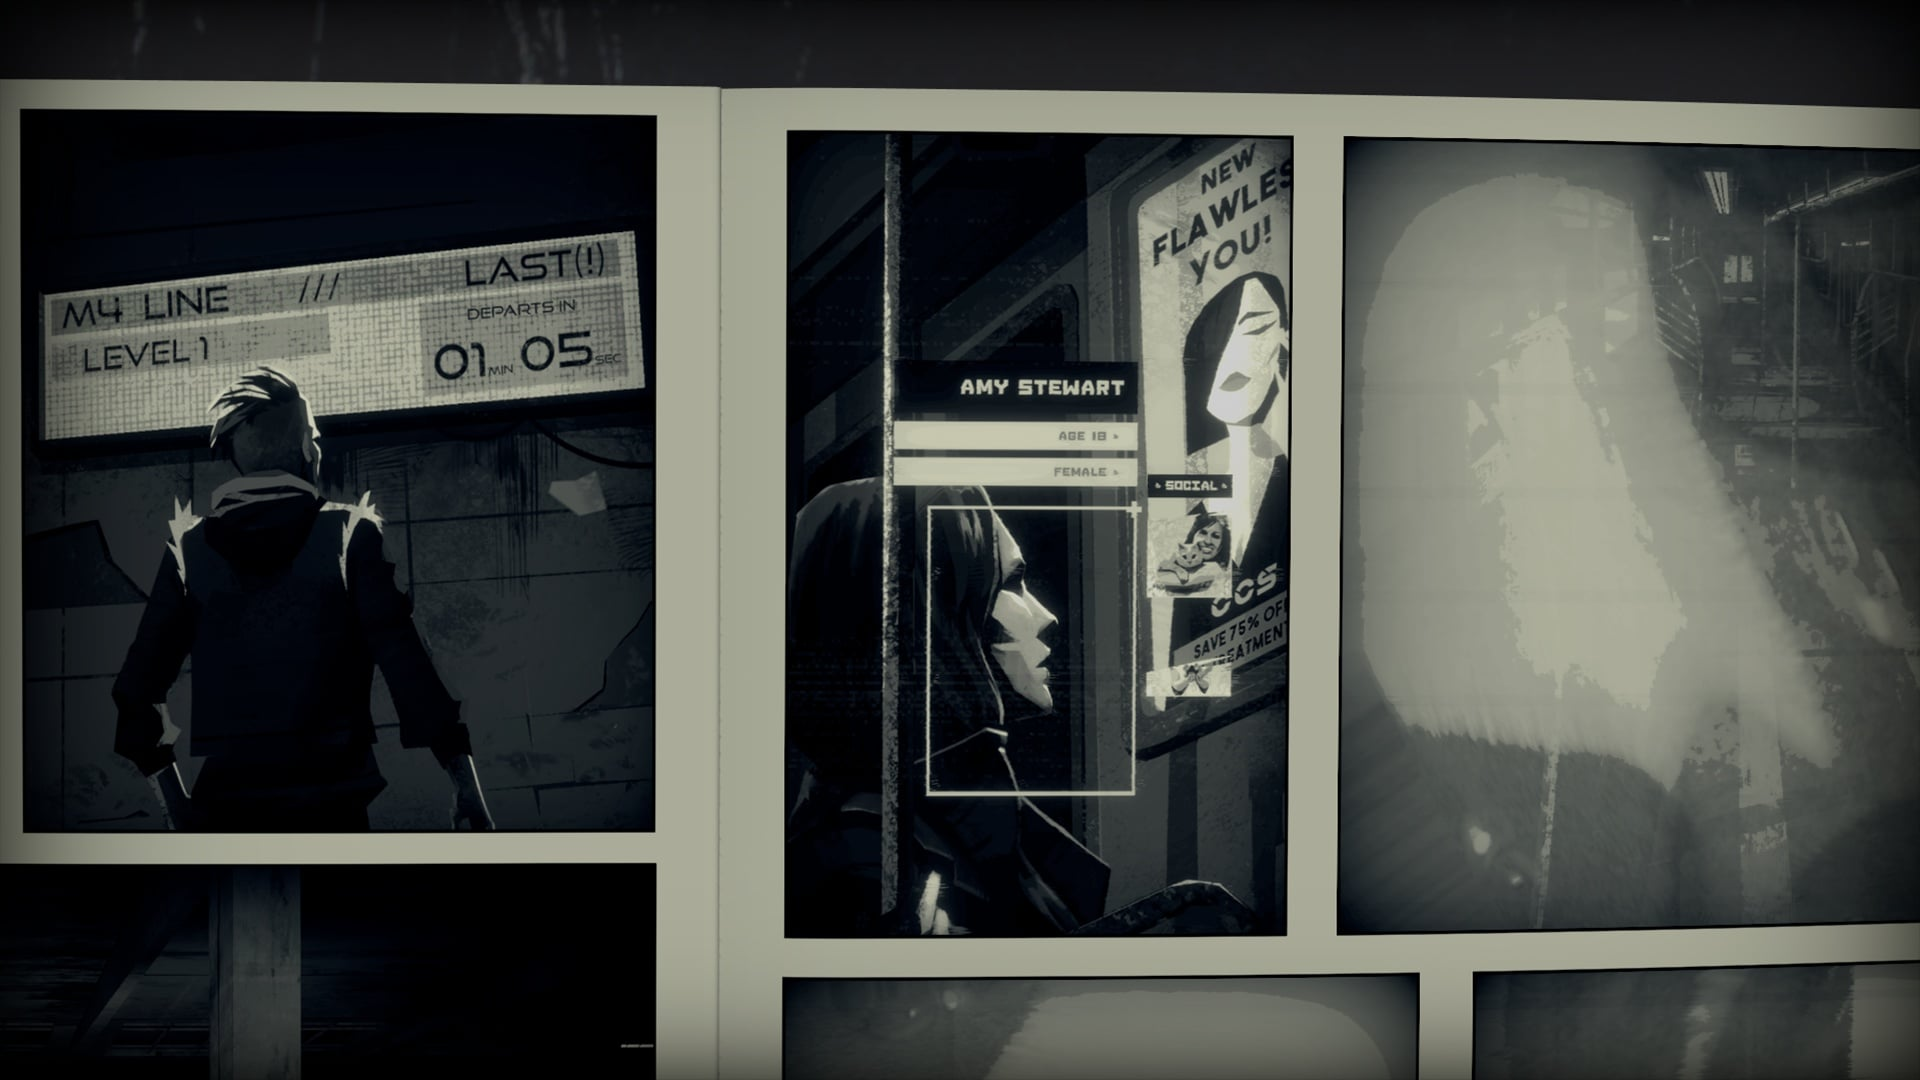 Atomic Wolf Annuncia Liberated E Il Suo Futuro Distopico 9 - Hynerd.it